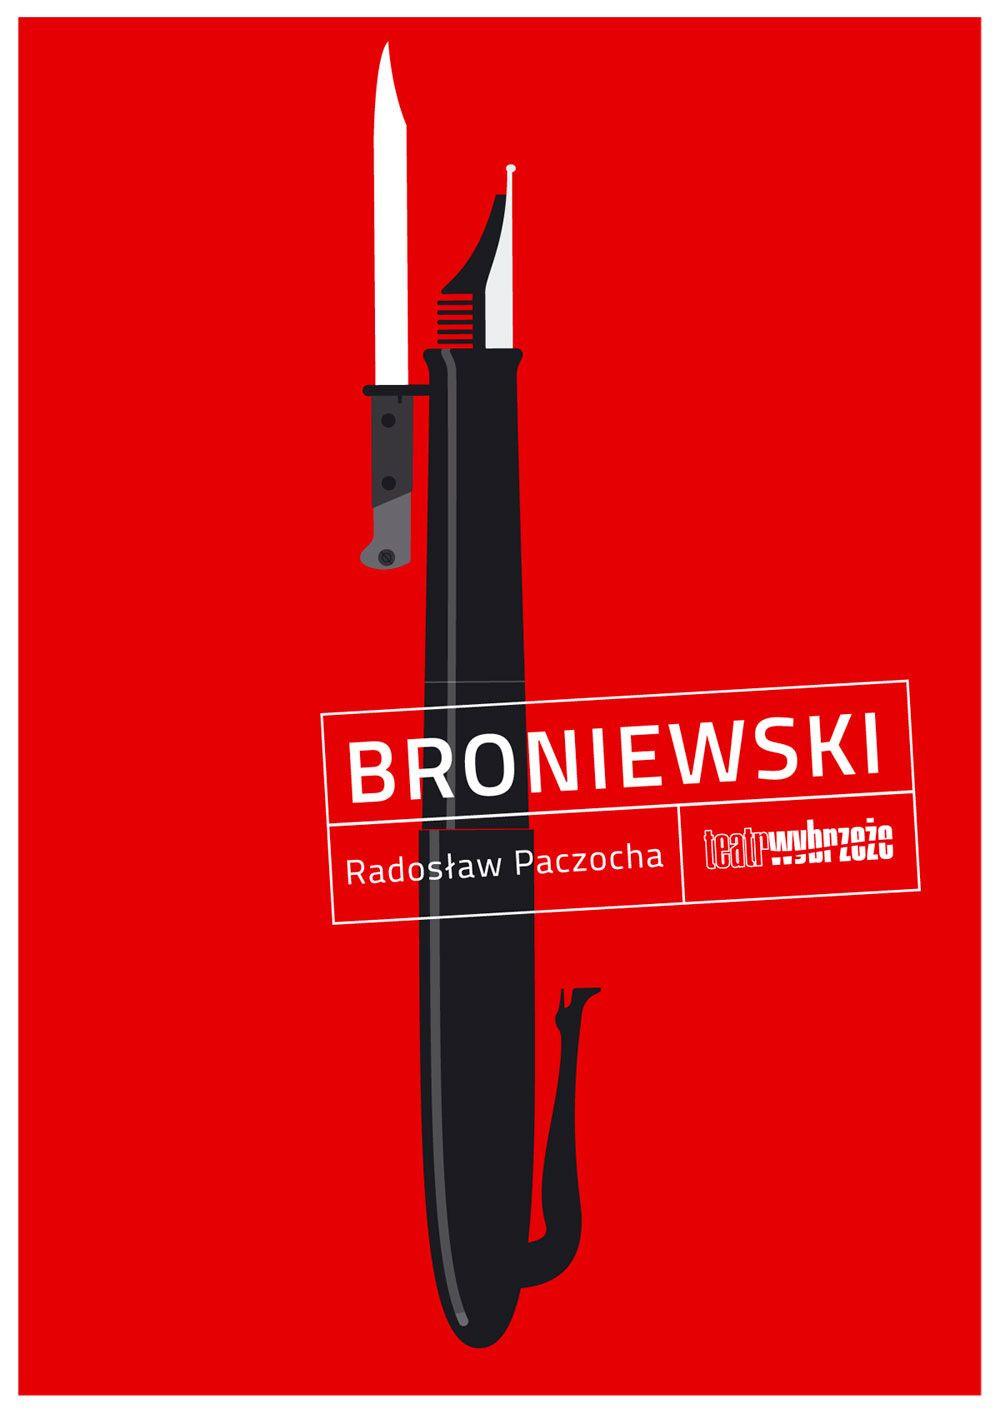 Broniewski Obsada Reżyseria Aktorzy Gdańsk Gdynia